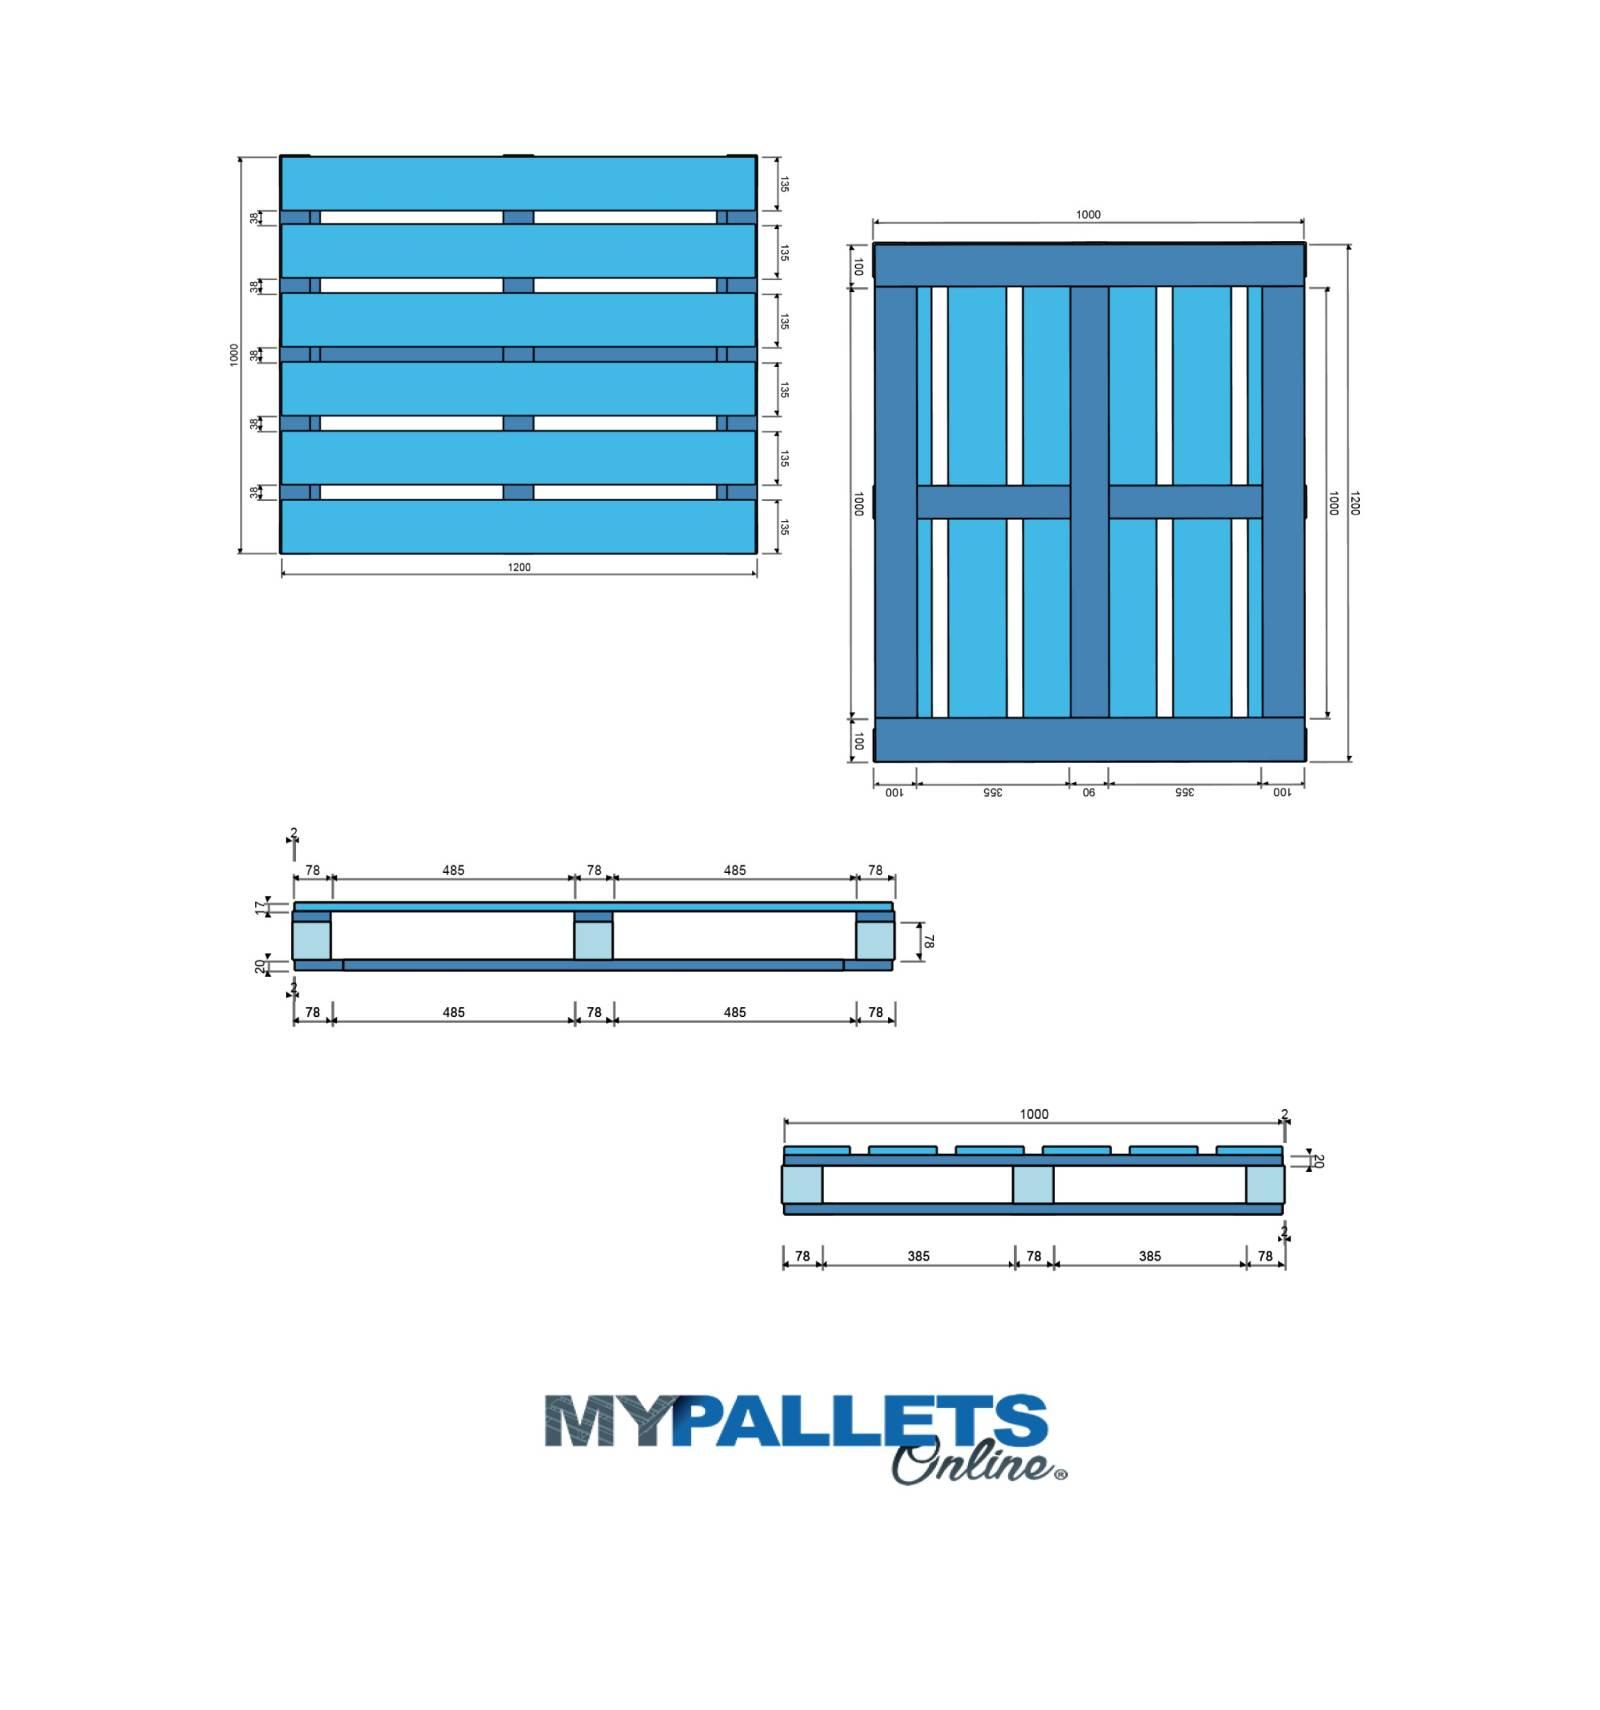 mypalletsonline palette neuve cadr e dimension 100x120. Black Bedroom Furniture Sets. Home Design Ideas